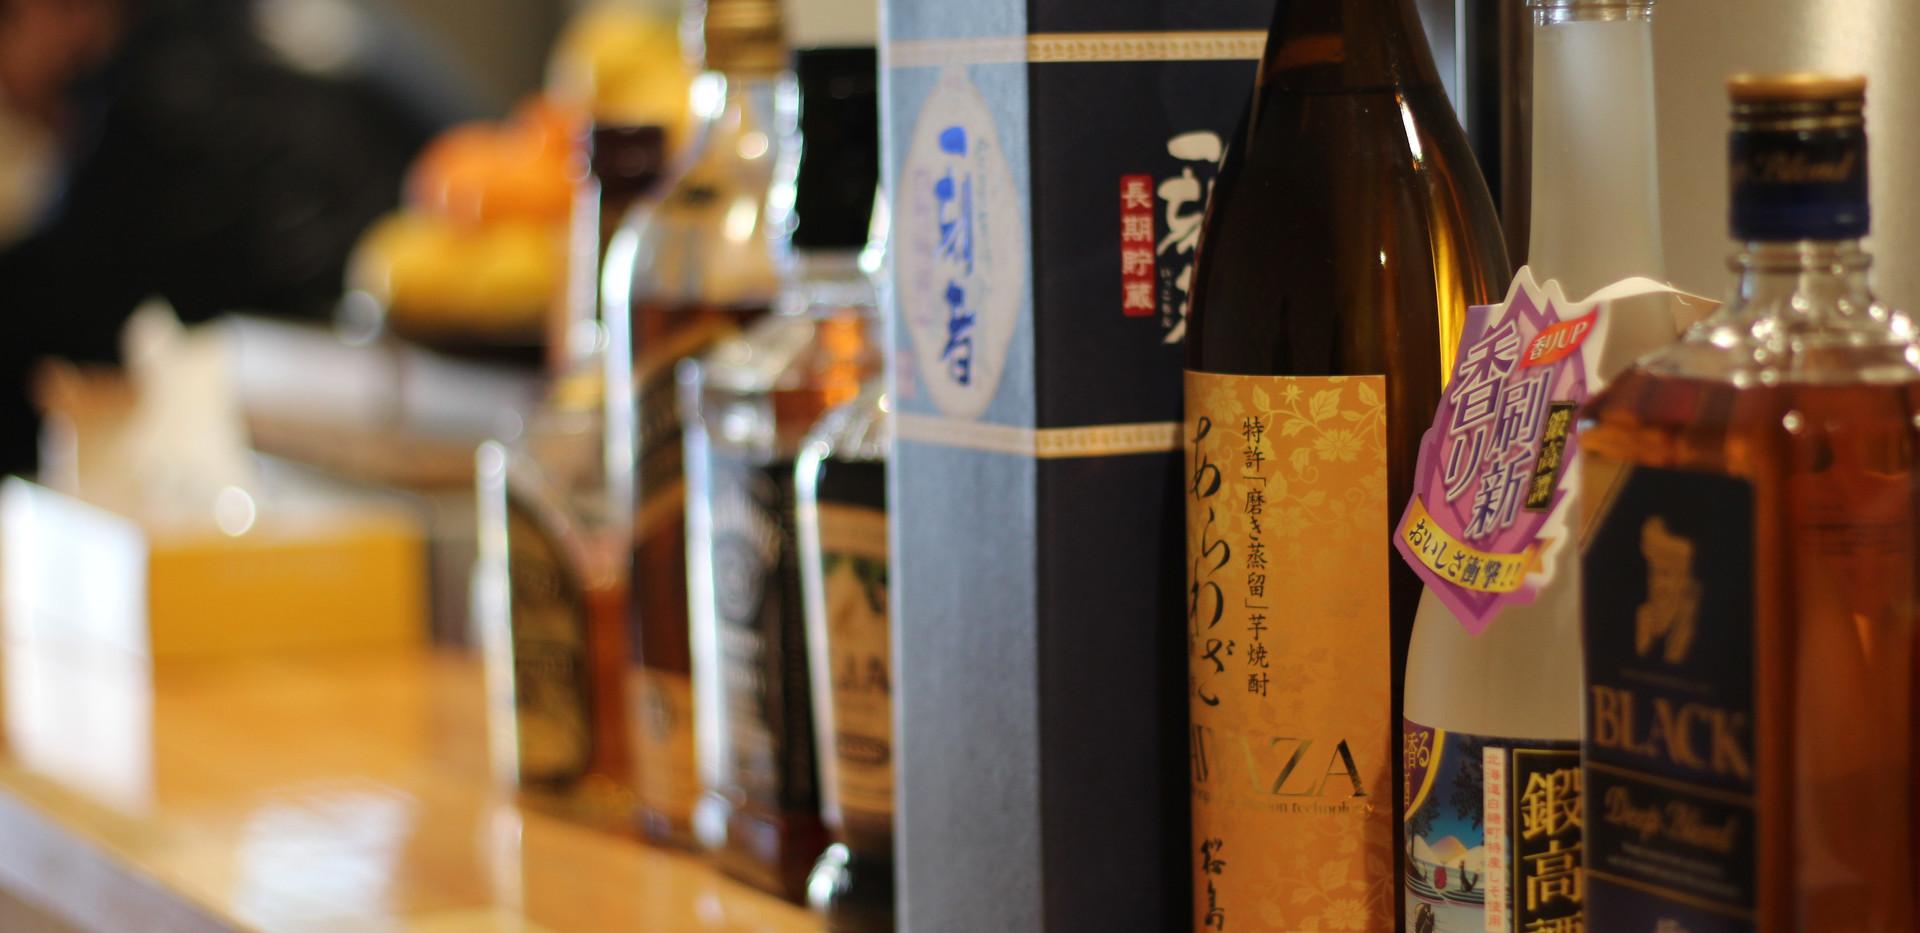 居酒屋ピエロ・お酒各種